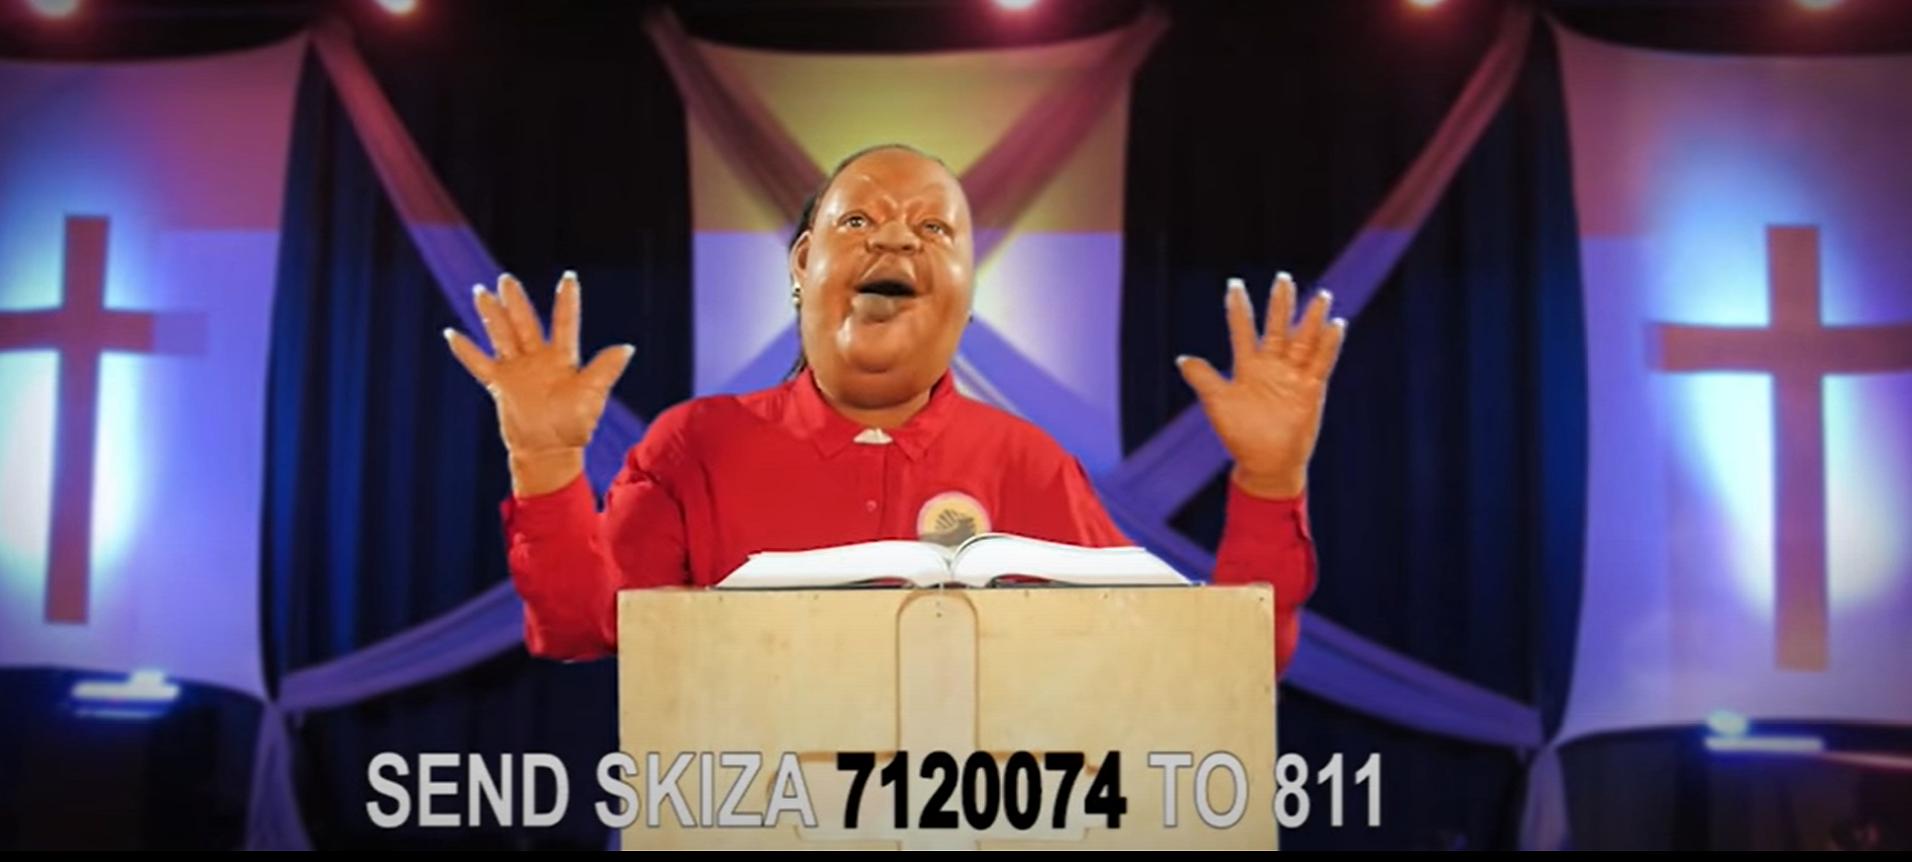 Bishop Margaret Skiza Tune